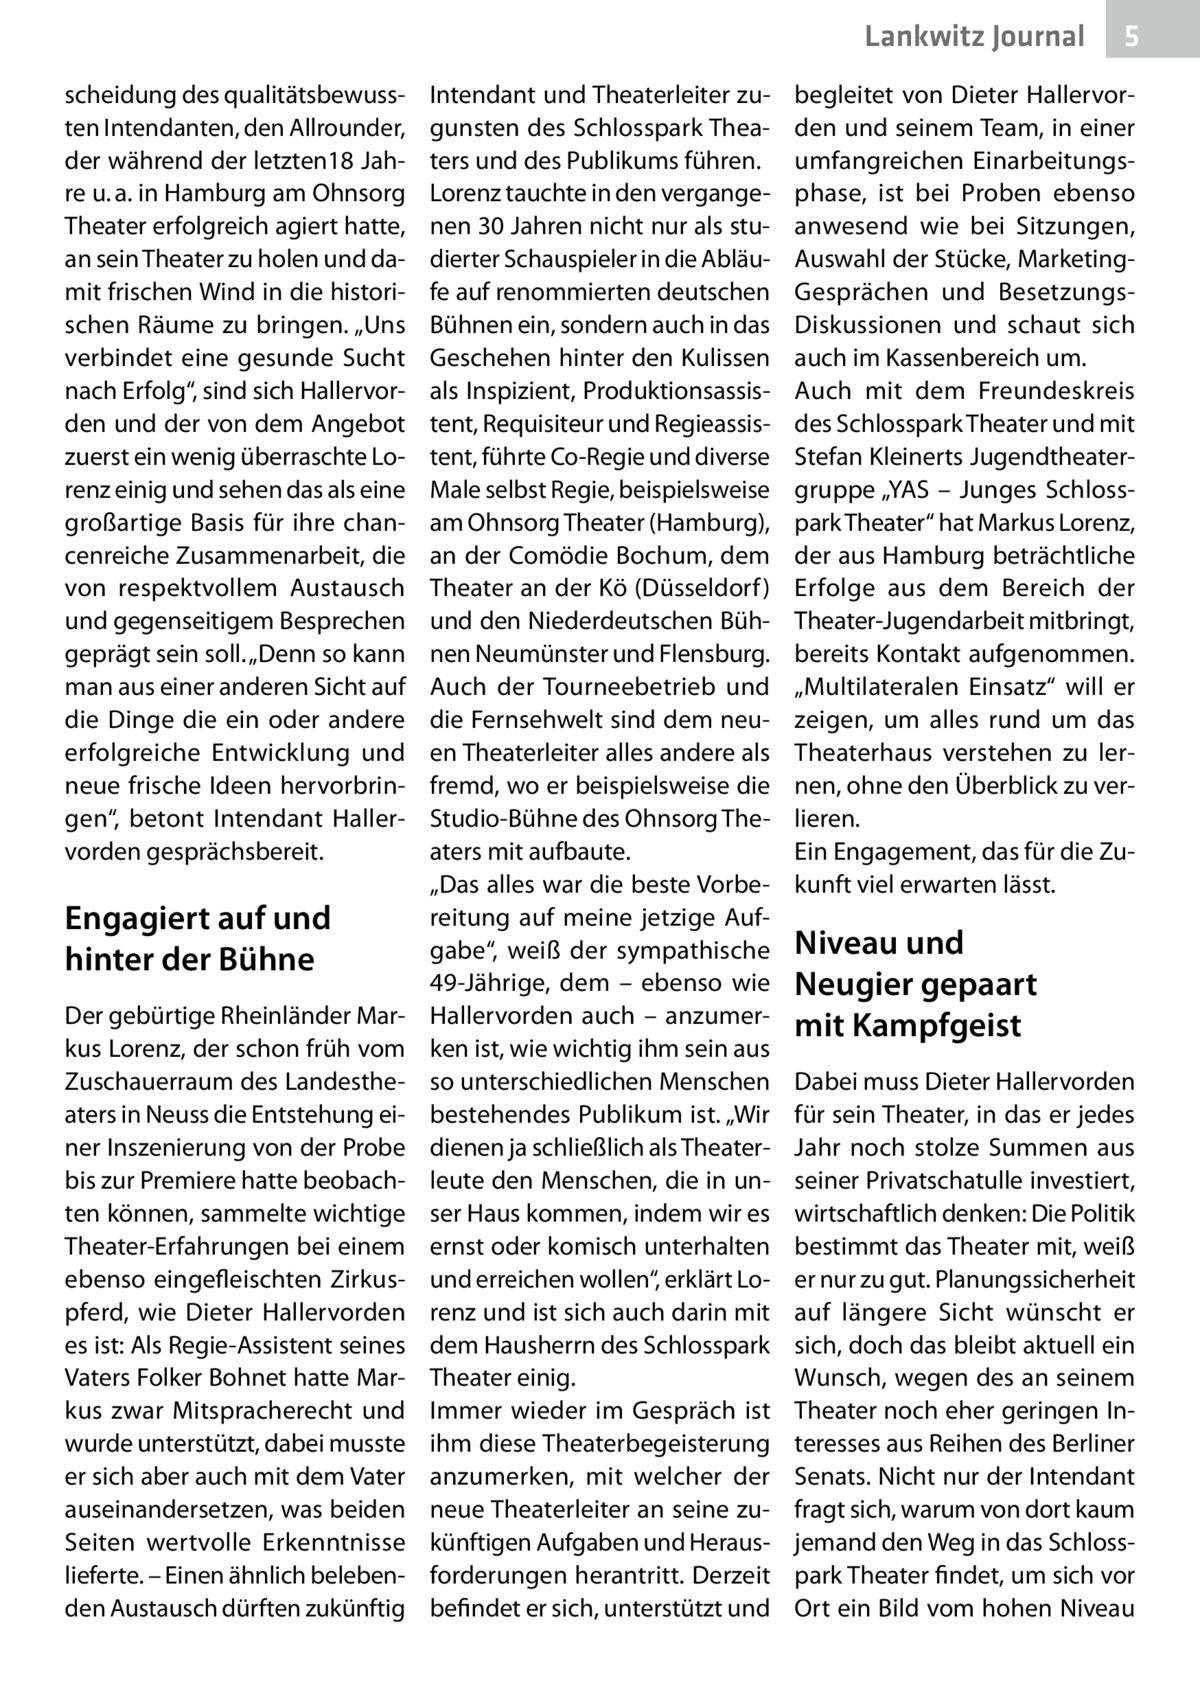 """Lankwitz Journal scheidung des qualitätsbewussten Intendanten, den Allrounder, der während der letzten18Jahre u.a. in Hamburg am Ohnsorg Theater erfolgreich agiert hatte, an sein Theater zu holen und damit frischen Wind in die historischen Räume zu bringen. """"Uns verbindet eine gesunde Sucht nach Erfolg"""", sind sich Hallervorden und der von dem Angebot zuerst ein wenig überraschte Lorenz einig und sehen das als eine großartige Basis für ihre chancenreiche Zusammenarbeit, die von respektvollem Austausch und gegenseitigem Besprechen geprägt sein soll. """"Denn so kann man aus einer anderen Sicht auf die Dinge die ein oder andere erfolgreiche Entwicklung und neue frische Ideen hervorbringen"""", betont Intendant Hallervorden gesprächsbereit.  Engagiert auf und hinter der Bühne Der gebürtige Rheinländer Markus Lorenz, der schon früh vom Zuschauerraum des Landestheaters in Neuss die Entstehung einer Inszenierung von der Probe bis zur Premiere hatte beobachten können, sammelte wichtige Theater-Erfahrungen bei einem ebenso eingefleischten Zirkuspferd, wie Dieter Hallervorden es ist: Als Regie-Assistent seines Vaters Folker Bohnet hatte Markus zwar Mitspracherecht und wurde unterstützt, dabei musste er sich aber auch mit dem Vater auseinandersetzen, was beiden Seiten wertvolle Erkenntnisse lieferte. – Einen ähnlich belebenden Austausch dürften zukünftig  Intendant und Theaterleiter zugunsten des Schlosspark Theaters und des Publikums führen. Lorenz tauchte in den vergangenen 30Jahren nicht nur als studierter Schauspieler in die Abläufe auf renommierten deutschen Bühnen ein, sondern auch in das Geschehen hinter den Kulissen als Inspizient, Produktionsassistent, Requisiteur und Regieassistent, führte Co-Regie und diverse Male selbst Regie, beispielsweise am Ohnsorg Theater (Hamburg), an der Comödie Bochum, dem Theater an der Kö (Düsseldorf ) und den Niederdeutschen Bühnen Neumünster und Flensburg. Auch der Tourneebetrieb und die Fernsehwelt sind dem neuen Theaterleiter alles andere a"""